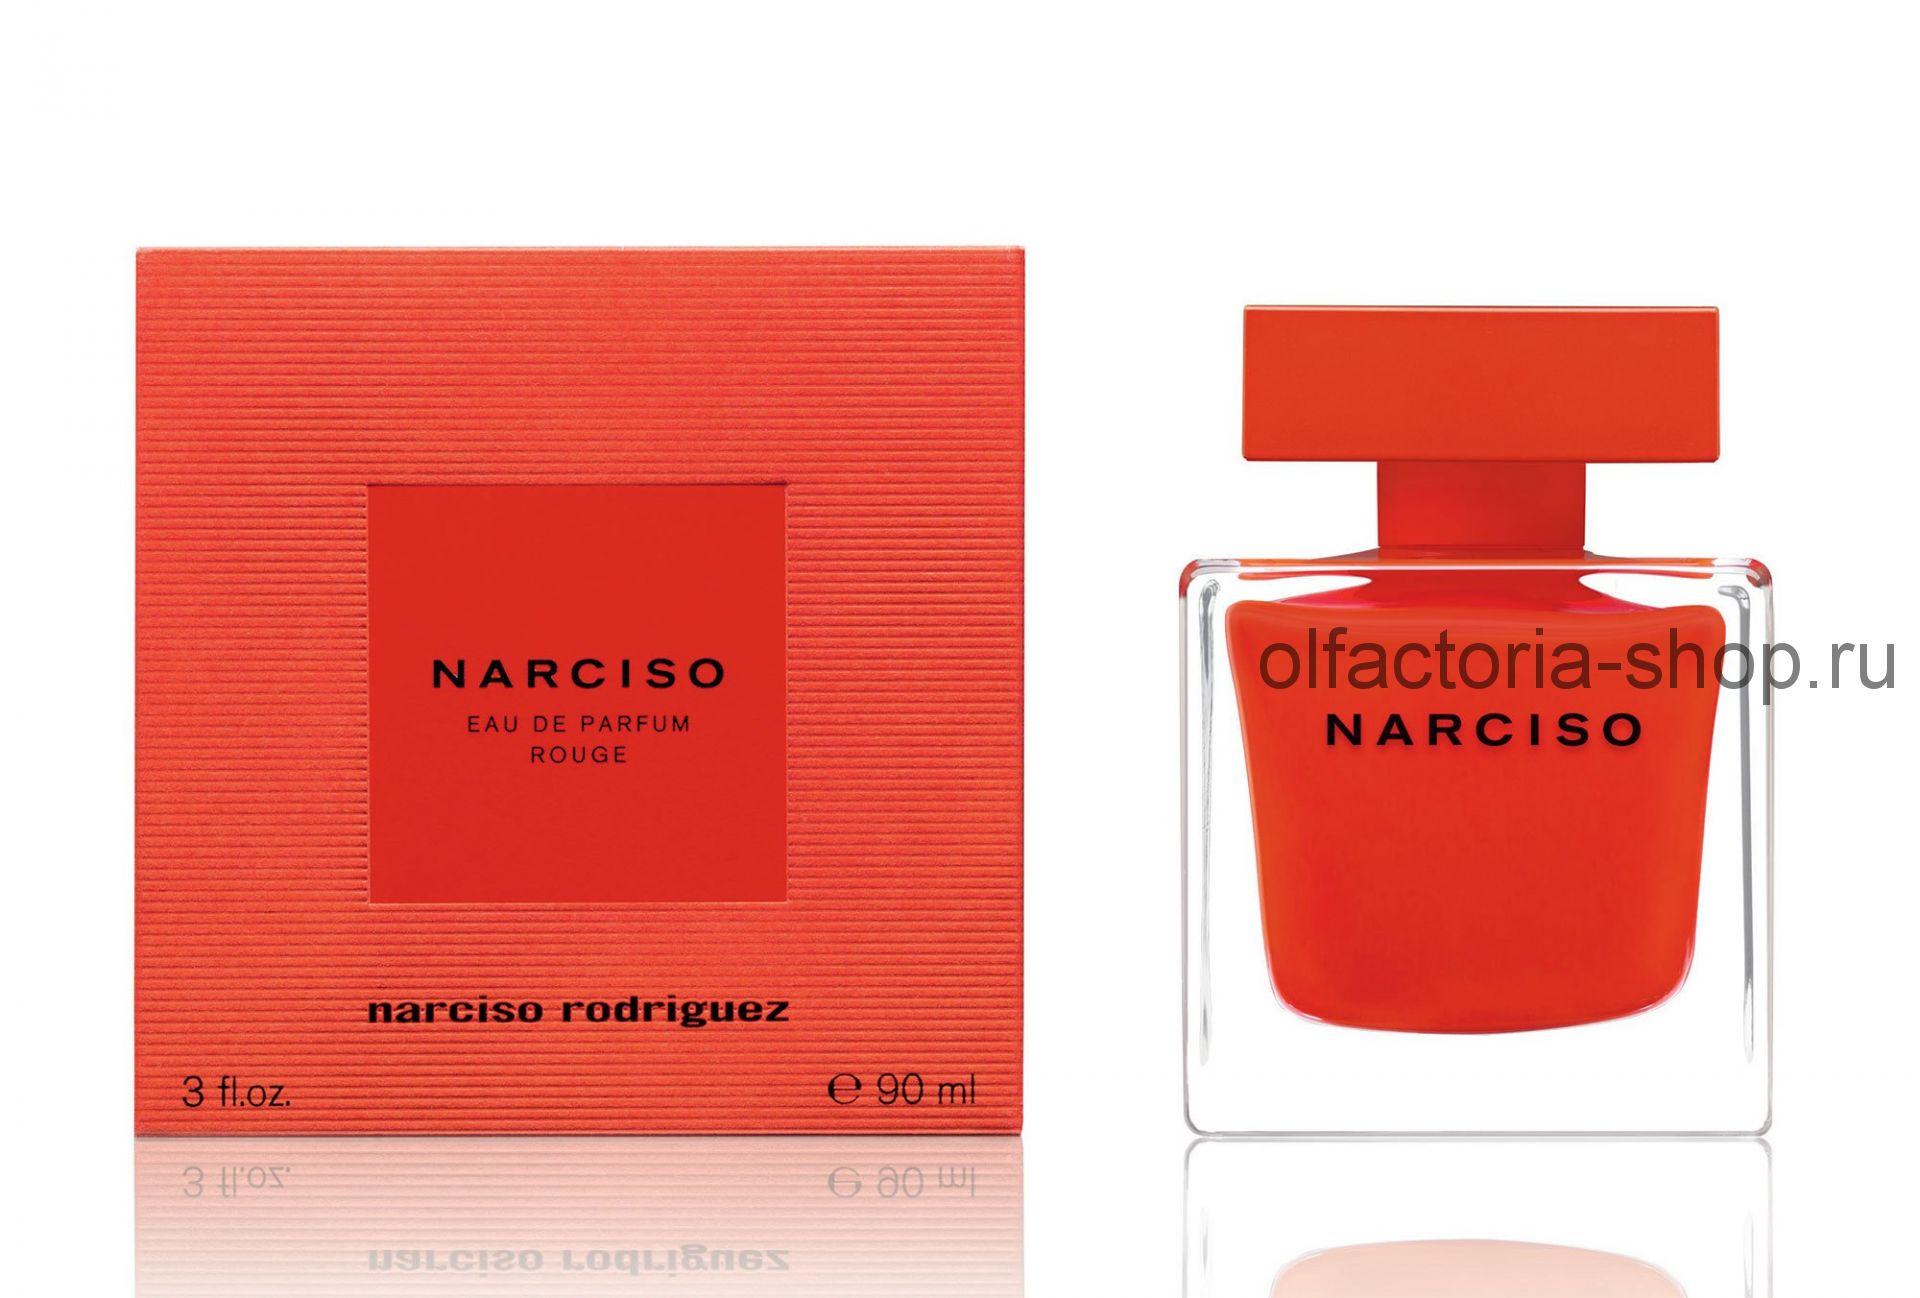 Narciso Rodriguez Narciso Rodriguez Rodriguez Rouge Rouge Narciso Narciso Rouge Narciso Rodriguez Rouge Rodriguez erCdBWxo